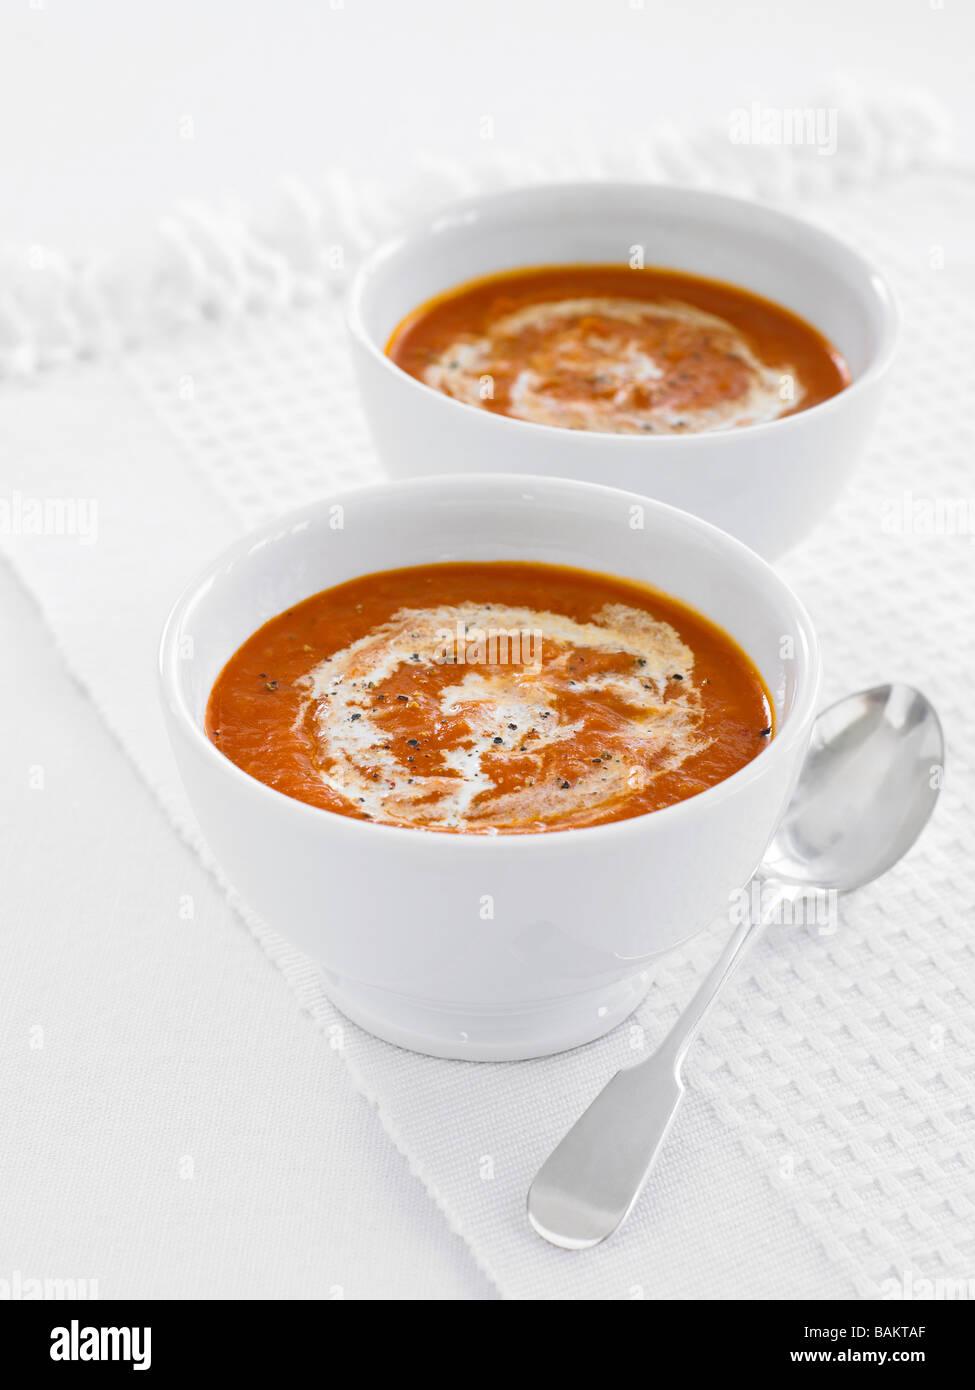 tomato soup - Stock Image